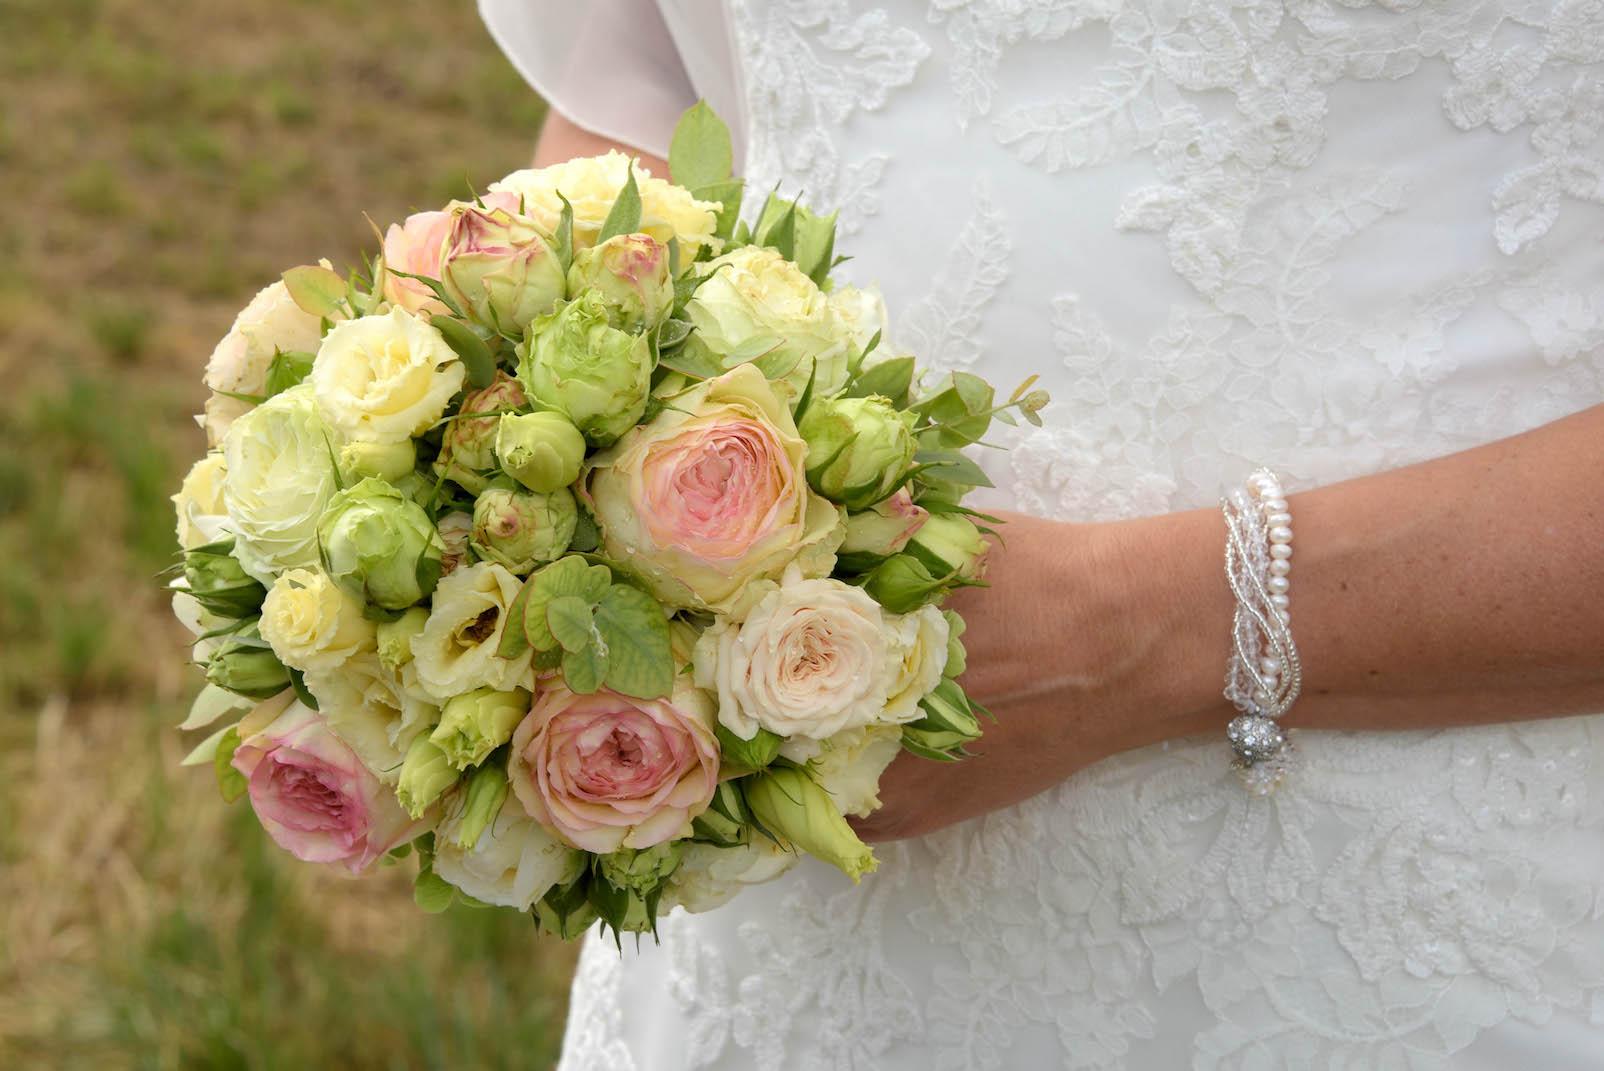 Hochzeit blumen brautstrauss farbig kleid weiss bl tenart for Raumgestaltung hochzeit